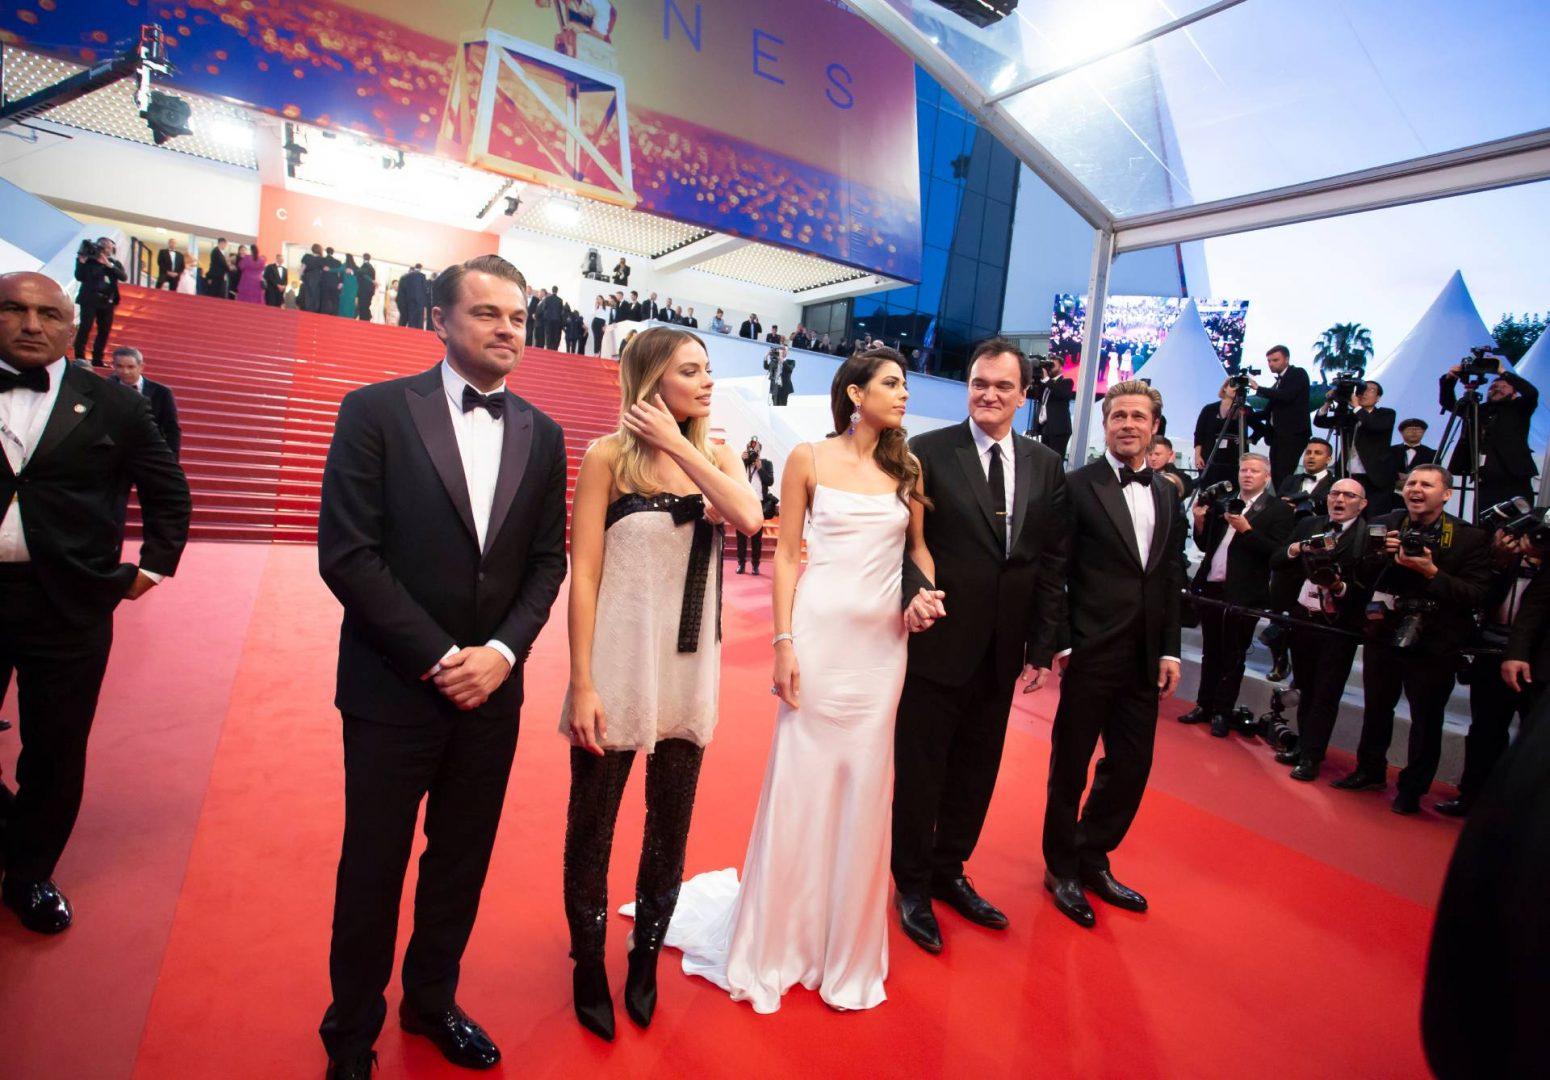 CANNES, FRANCE. May 21, 2019. Leonardo DiCaprio, Margot Robbie, Daniela Pick and Brad Pitt. | BAKOUNINE / Shutterstock.com